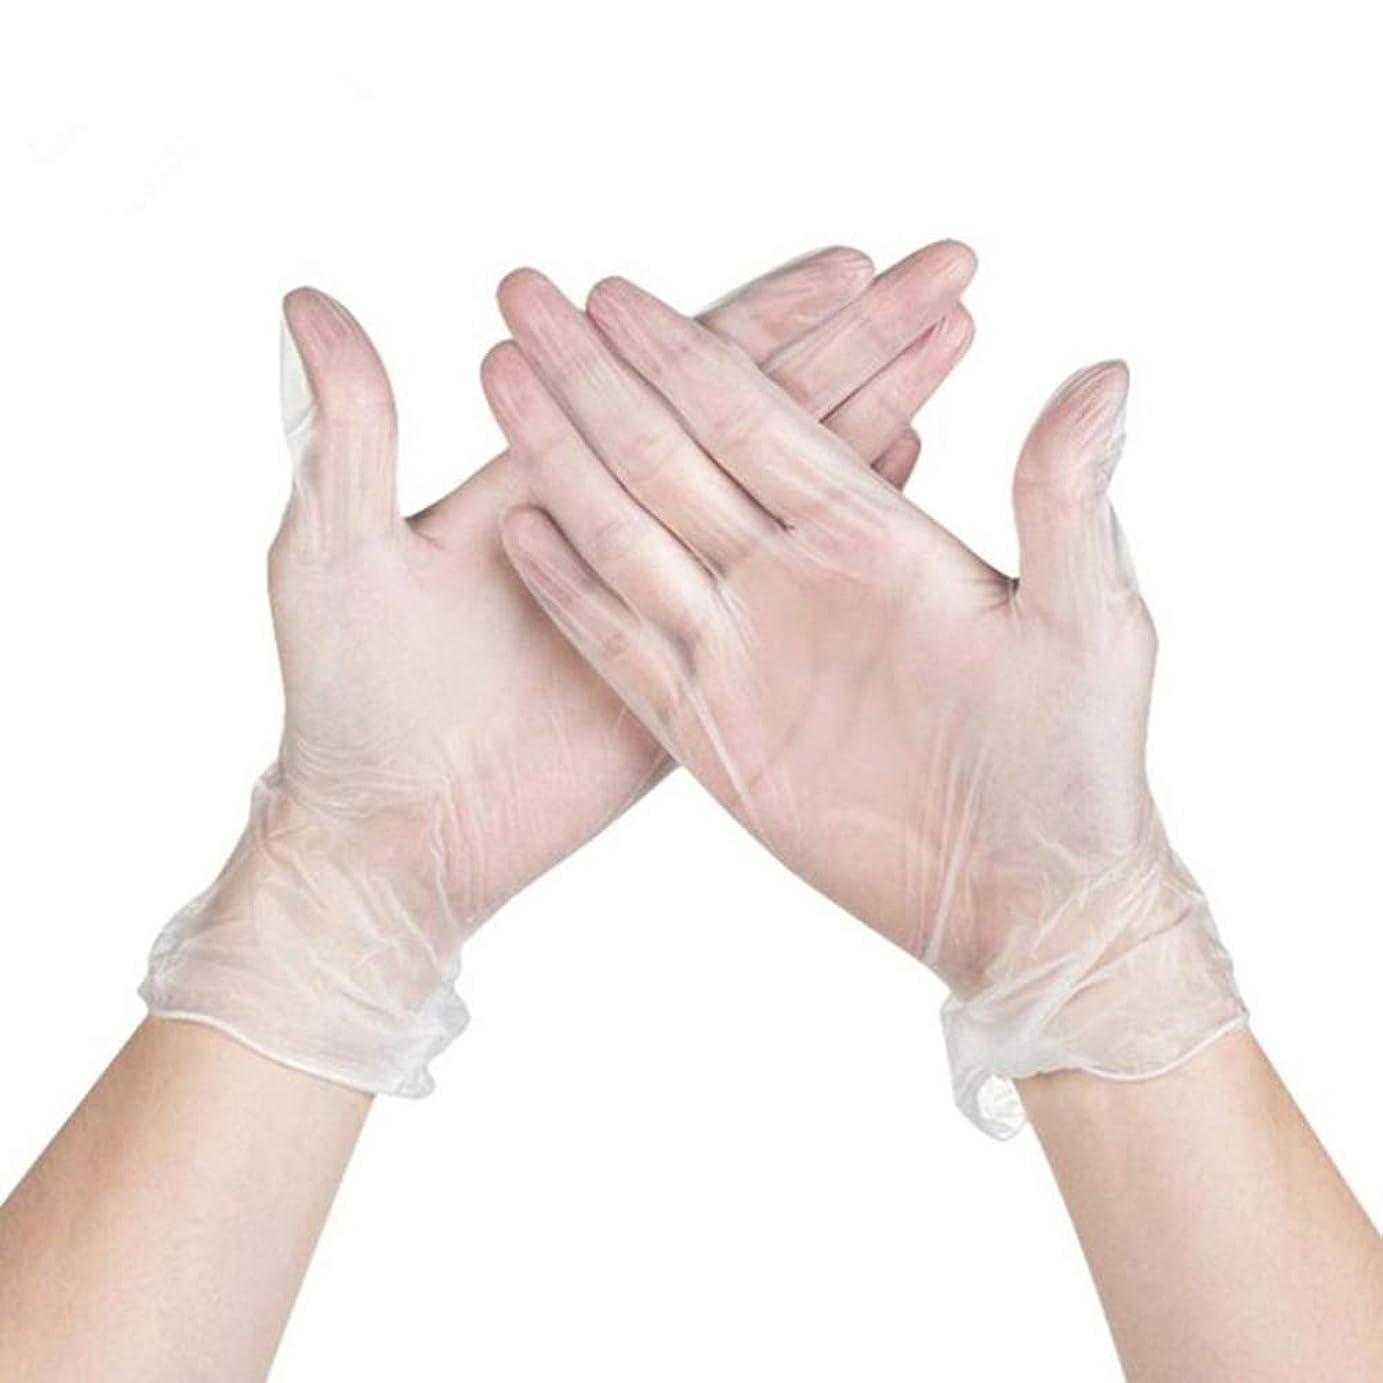 宿キノコ胚芽UPKOCH 透明使い捨てタトゥー手袋ニトリル手袋メディカルクリーニングキッチン調理手袋1個